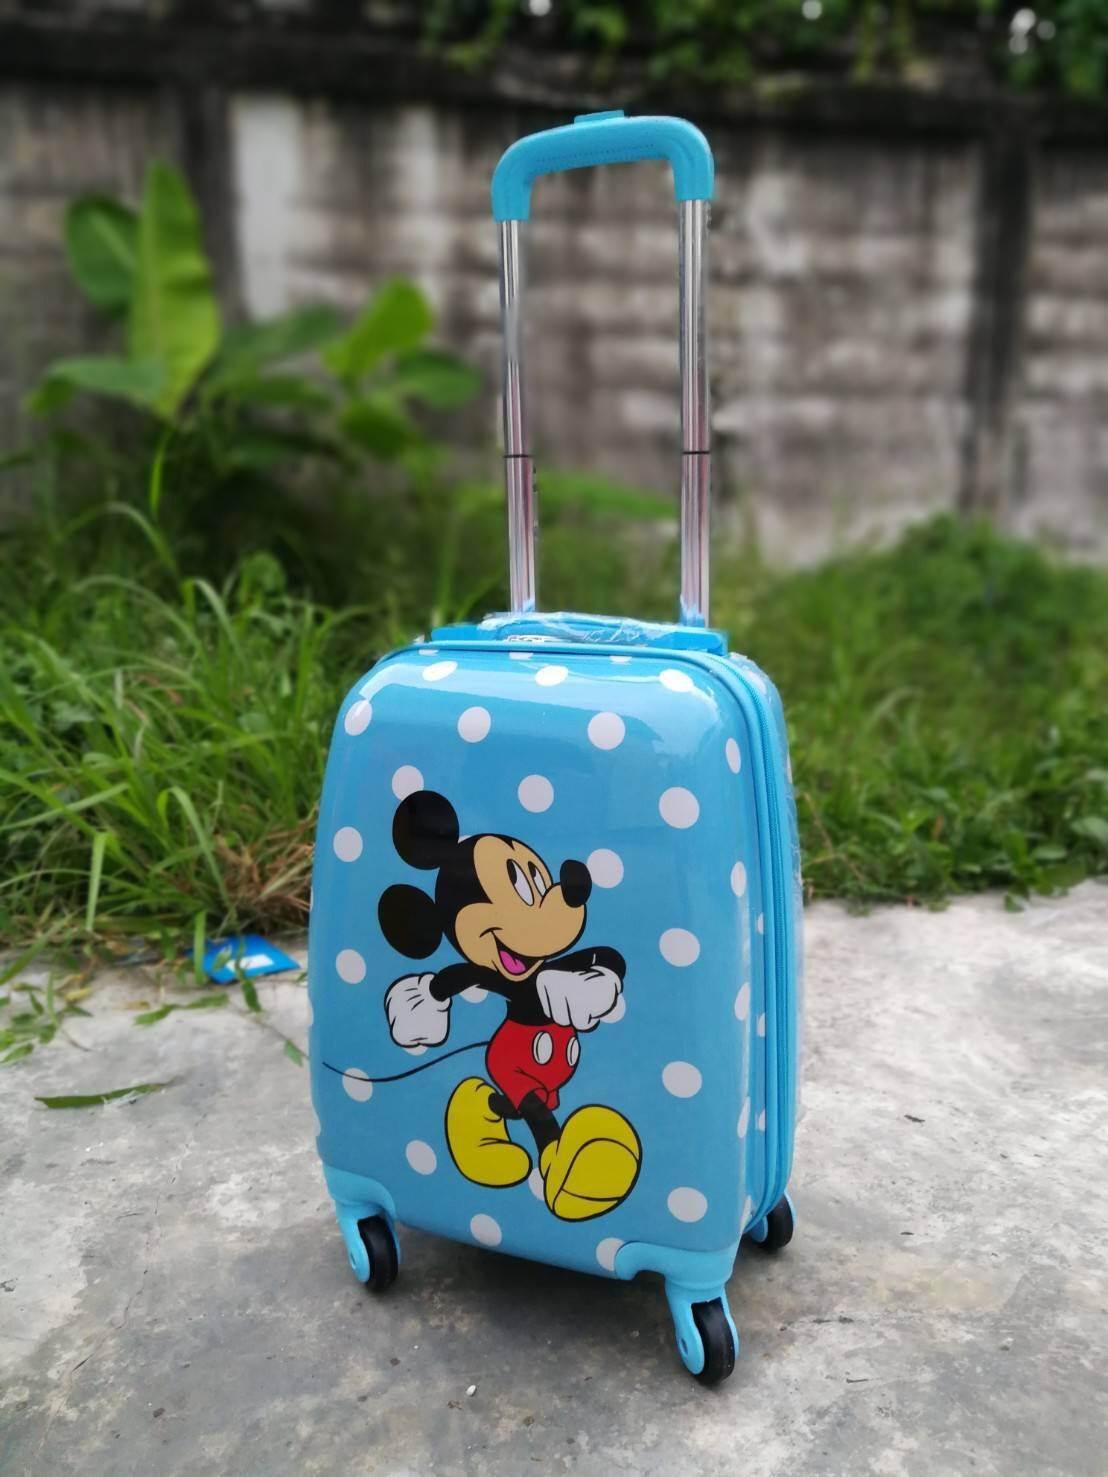 (16 นิ้ว) กระเป๋าเดินทางล้อลากโพลี่คาบอนเนตเนื้อเงา 4 ล้อมุนได้รอบทิศ 360 องศา (ส่งฟรีธรรมดา / ems. 150 บ.)